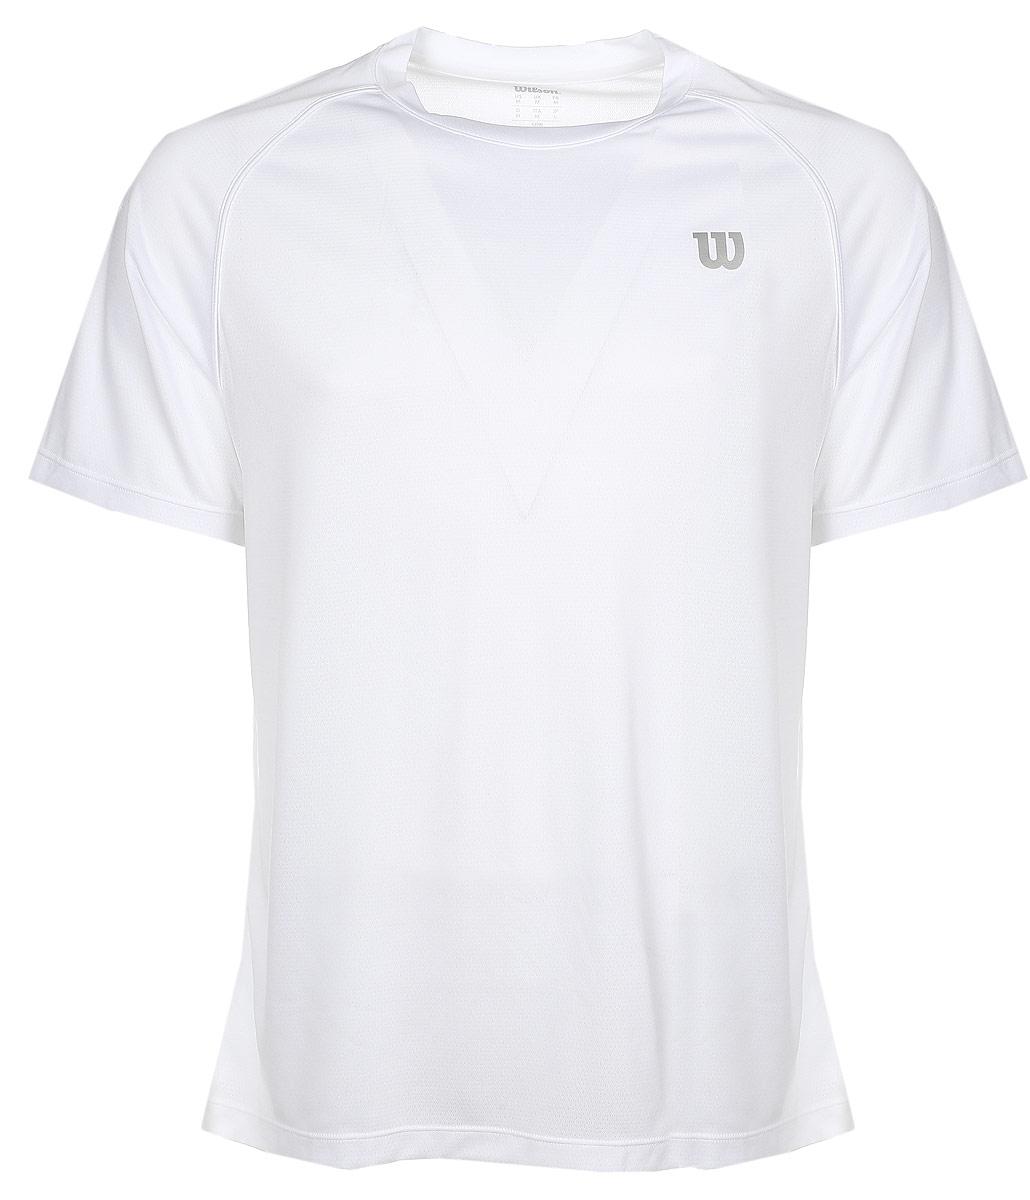 Футболка для тенниса мужская Wilson Core Crew, цвет: белый. WRA746401. Размер XL (54)WRA746401Турнирная футболка Wilson Core Crew изготовлена из полиэстера и нейлона. Модель с круглой горловиной и короткими рукавами. Новая структура ткани с перфорацией увеличивает вывод влаги (технология nanoWik) и обеспечивает максимальный контроль на протяжении долгого времени игры или тренировок.